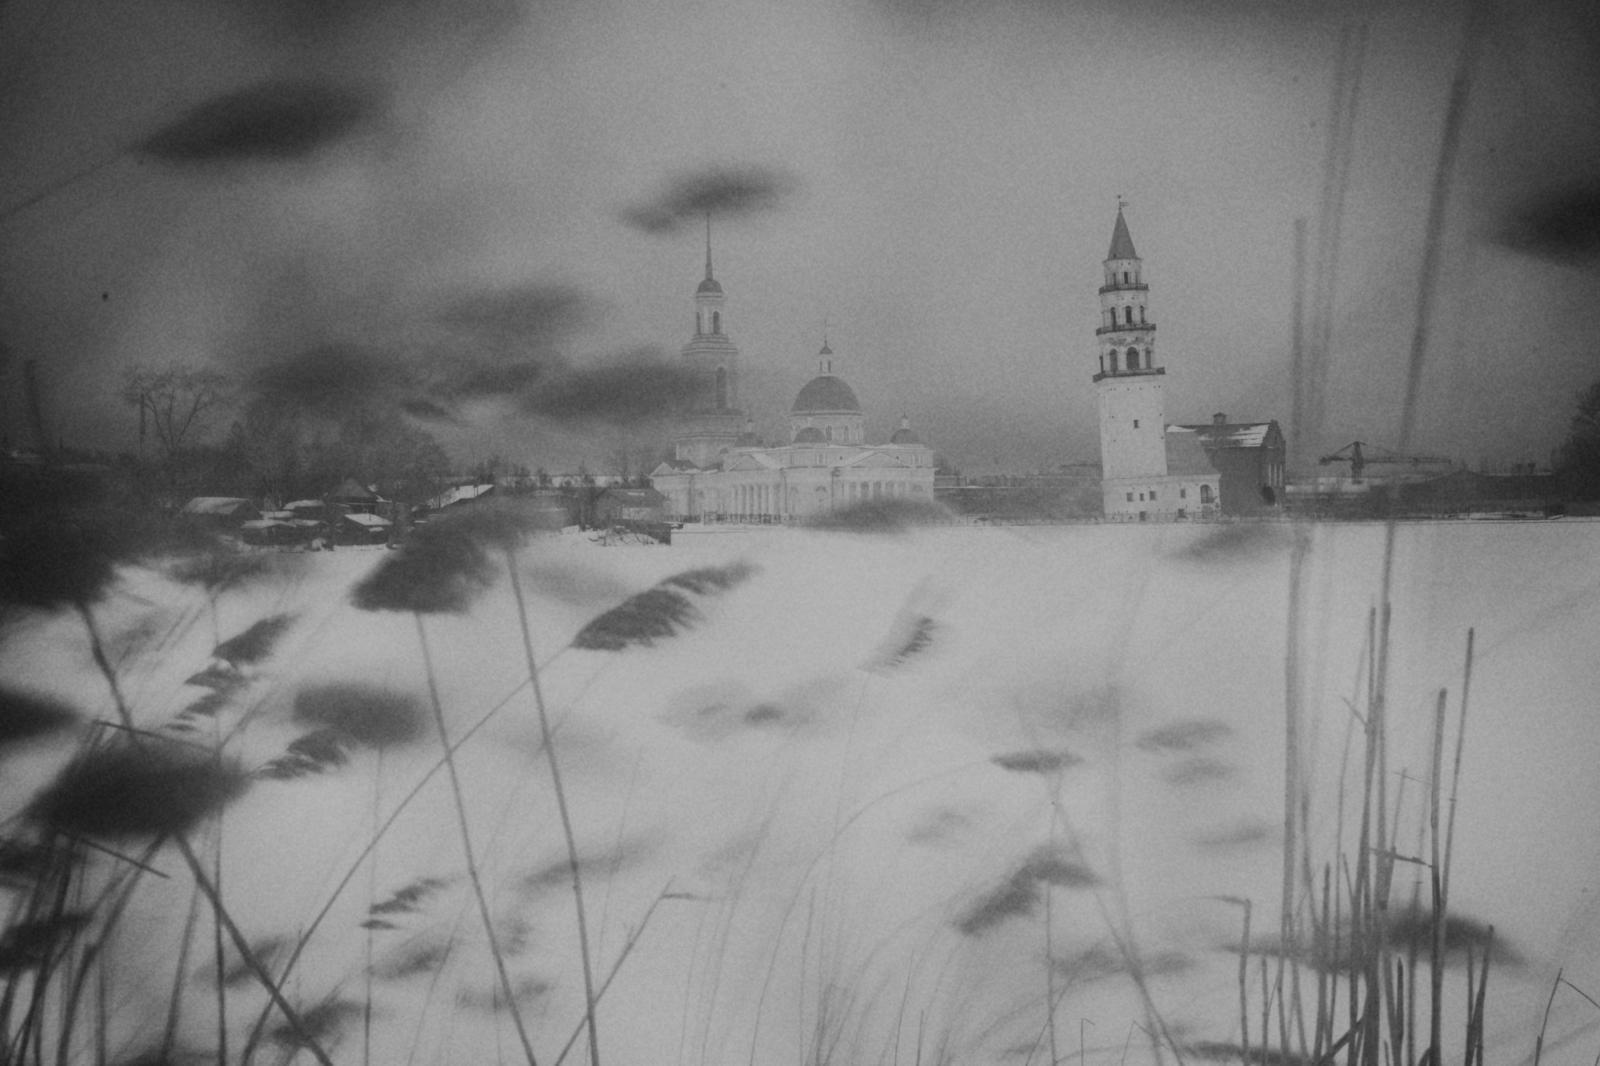 Таким Федор увидел старообрядческий город Невьянск